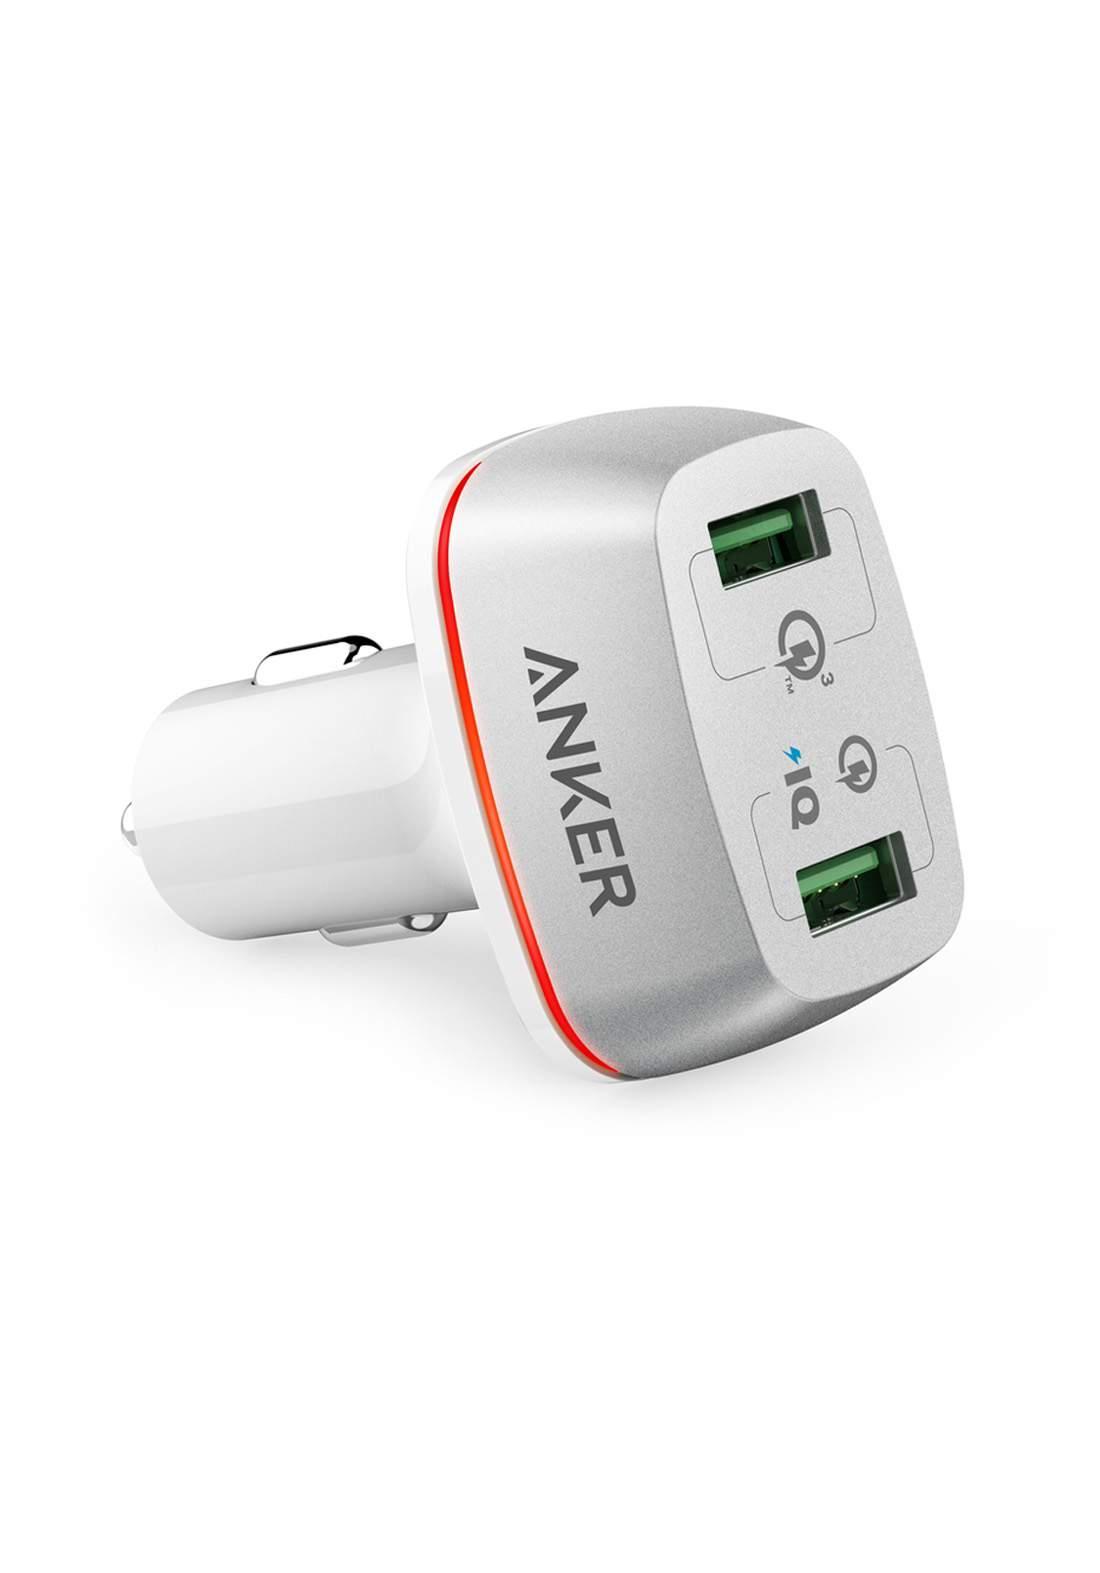 Anker A2224 PowerDrive 2 Ports Car Charger - White شاحن موبايل للسيارة